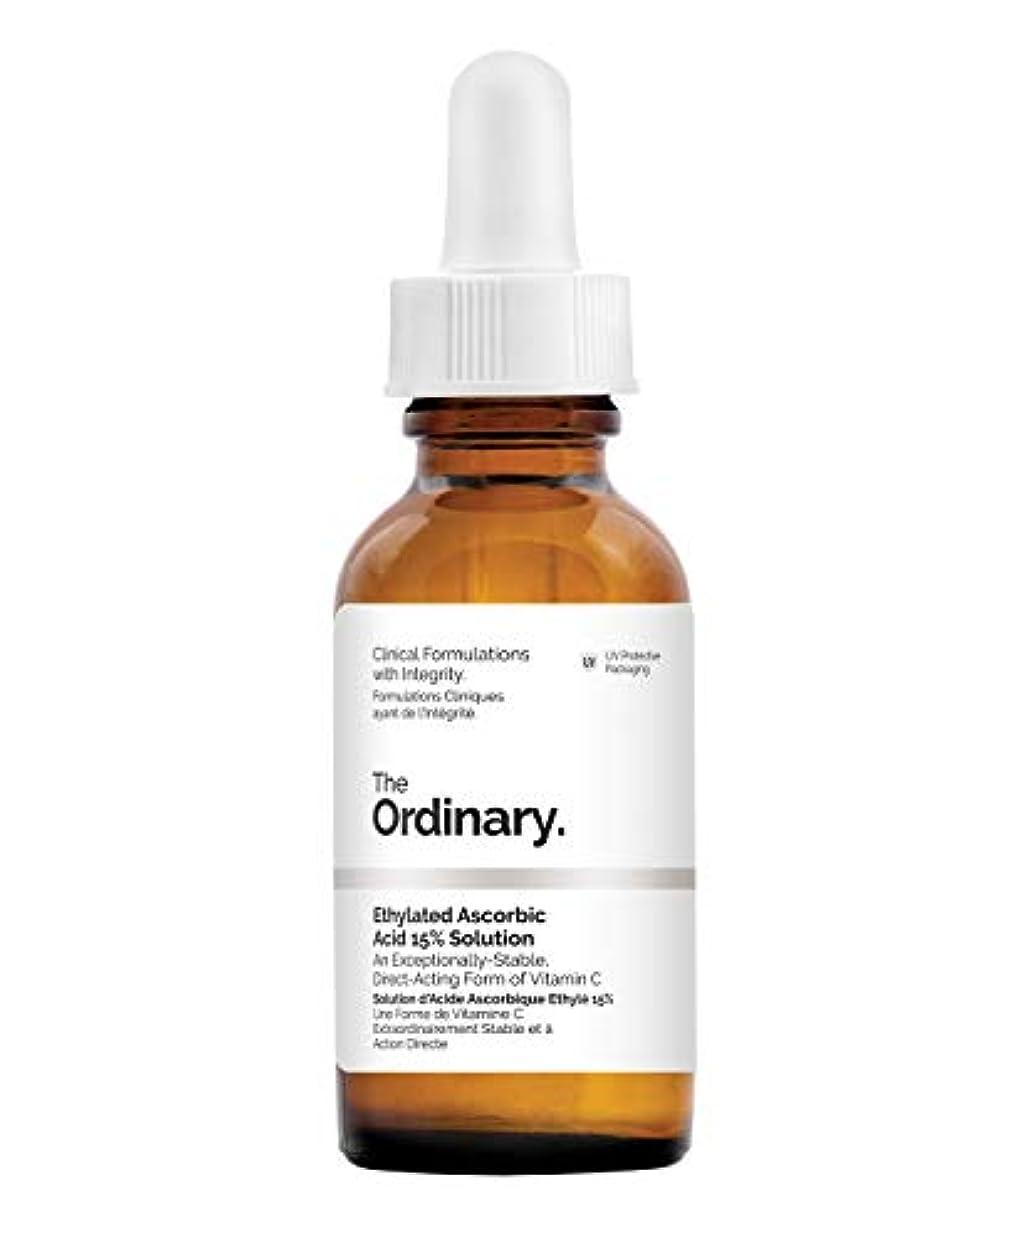 推進力議論するチャーミングThe Ordinary(ジ オーディナリー) Ethylated Ascorbic Acid 15% Solution